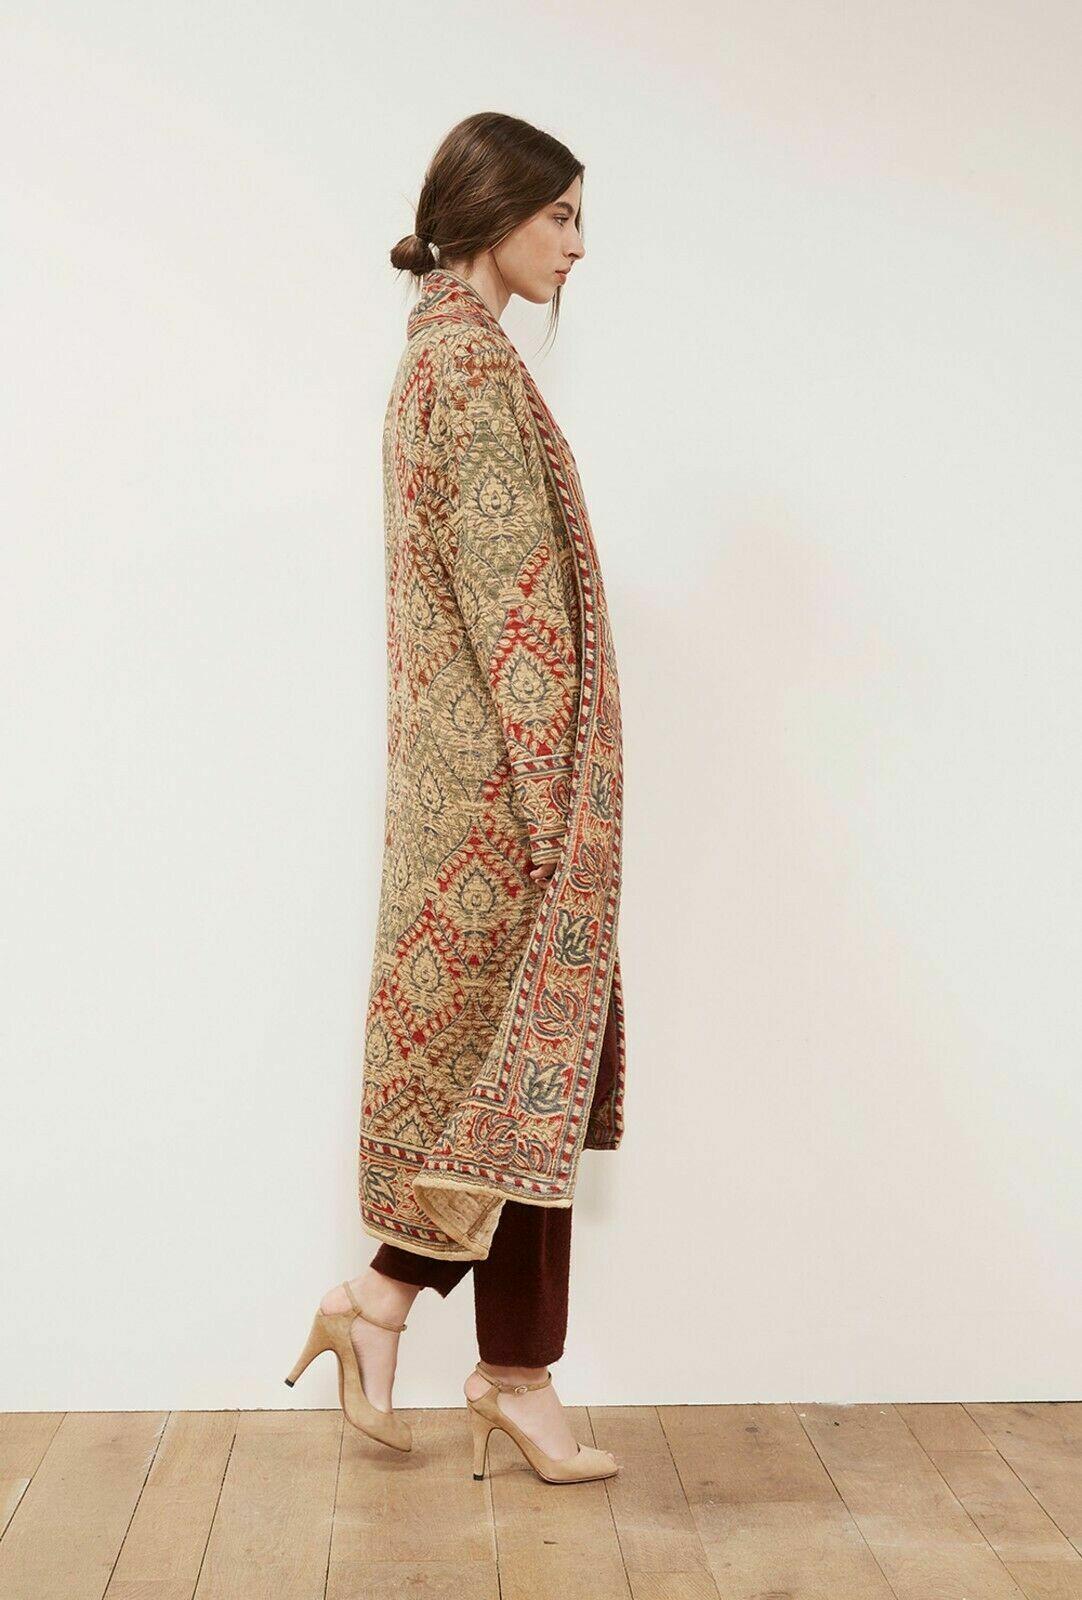 Mes Demoiselles Paris Natural Kilim Floral Print Coat Long Sleeve Dress Size 2